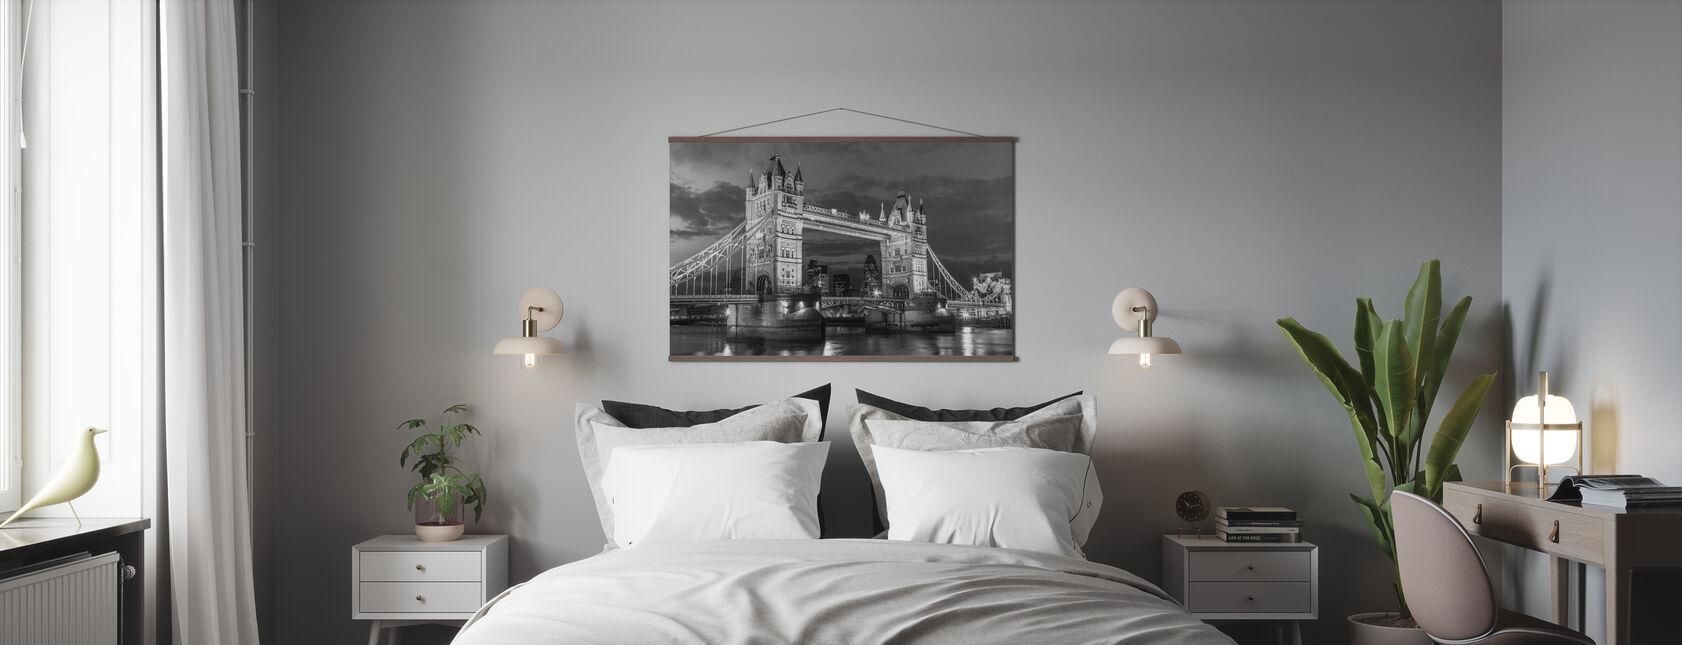 Tower Bridge - Poster - Bedroom